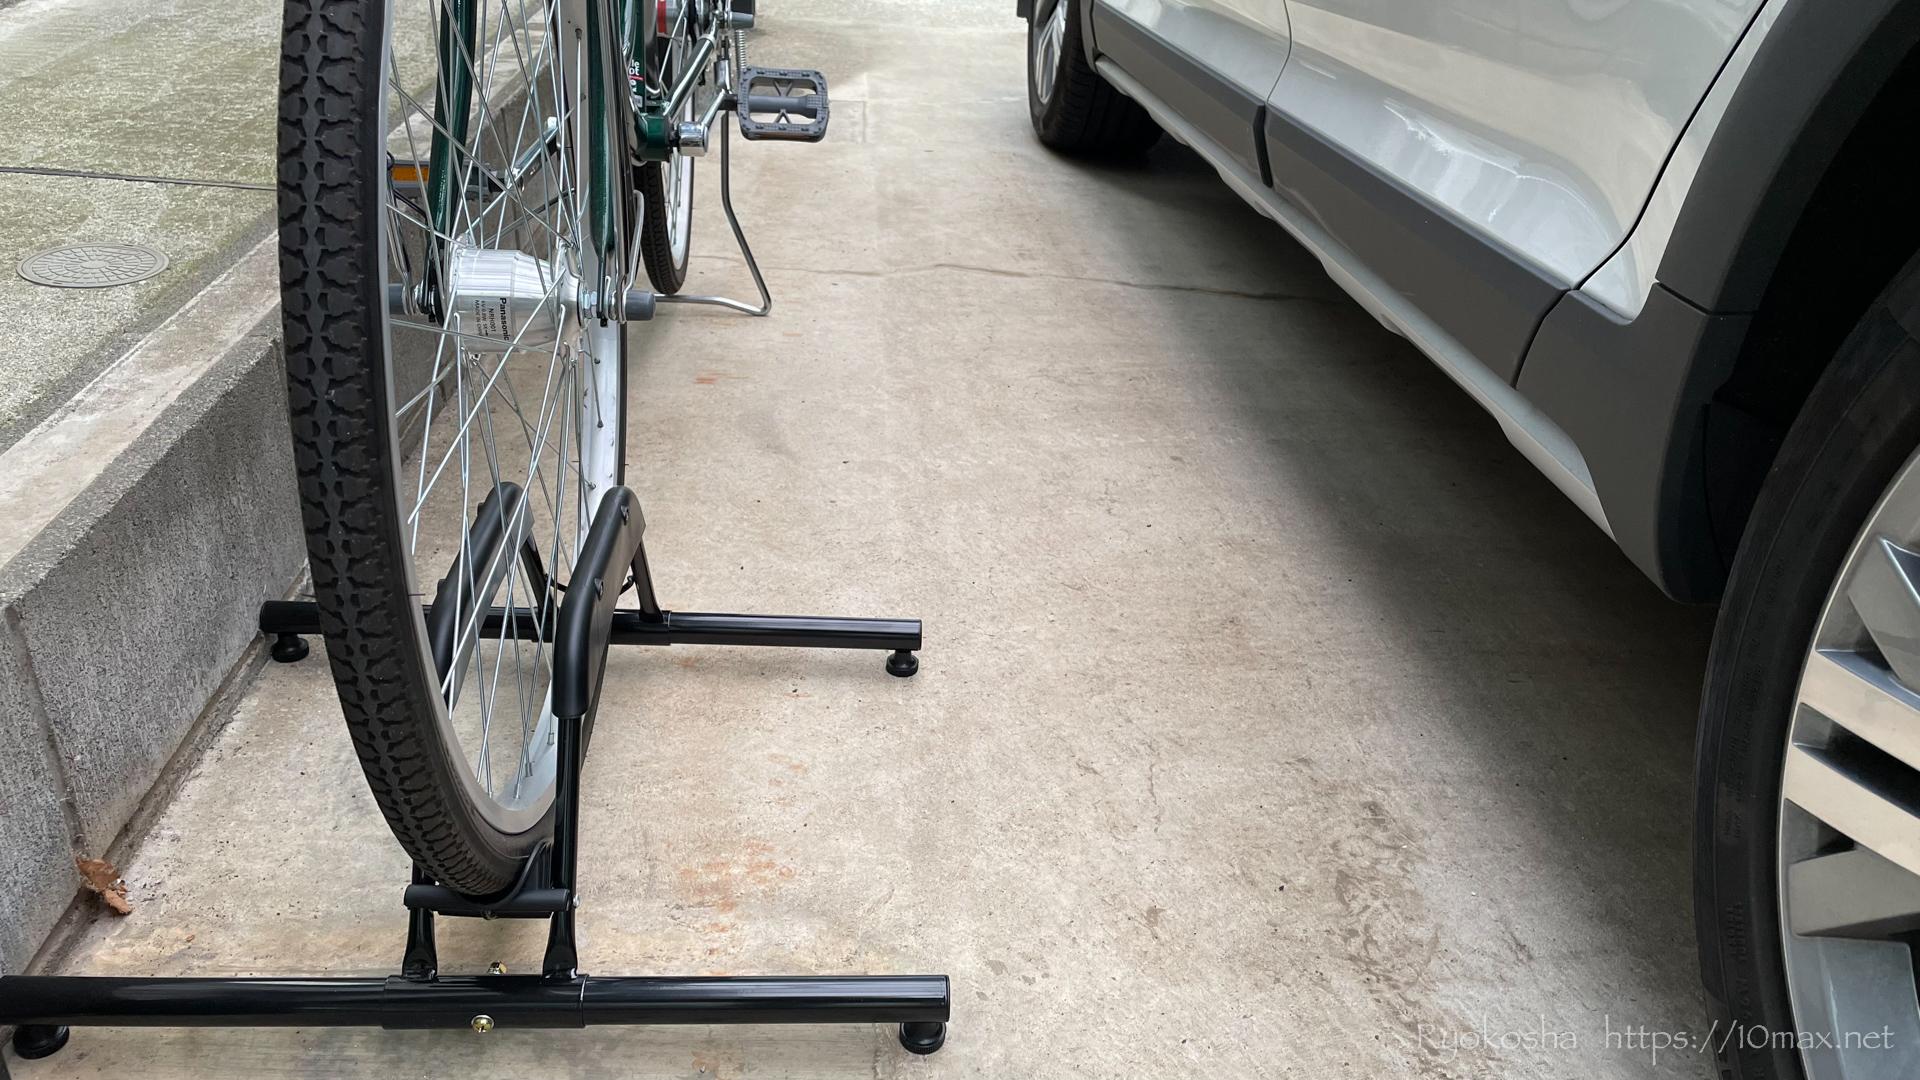 車 自転車 転倒防止 スタンド